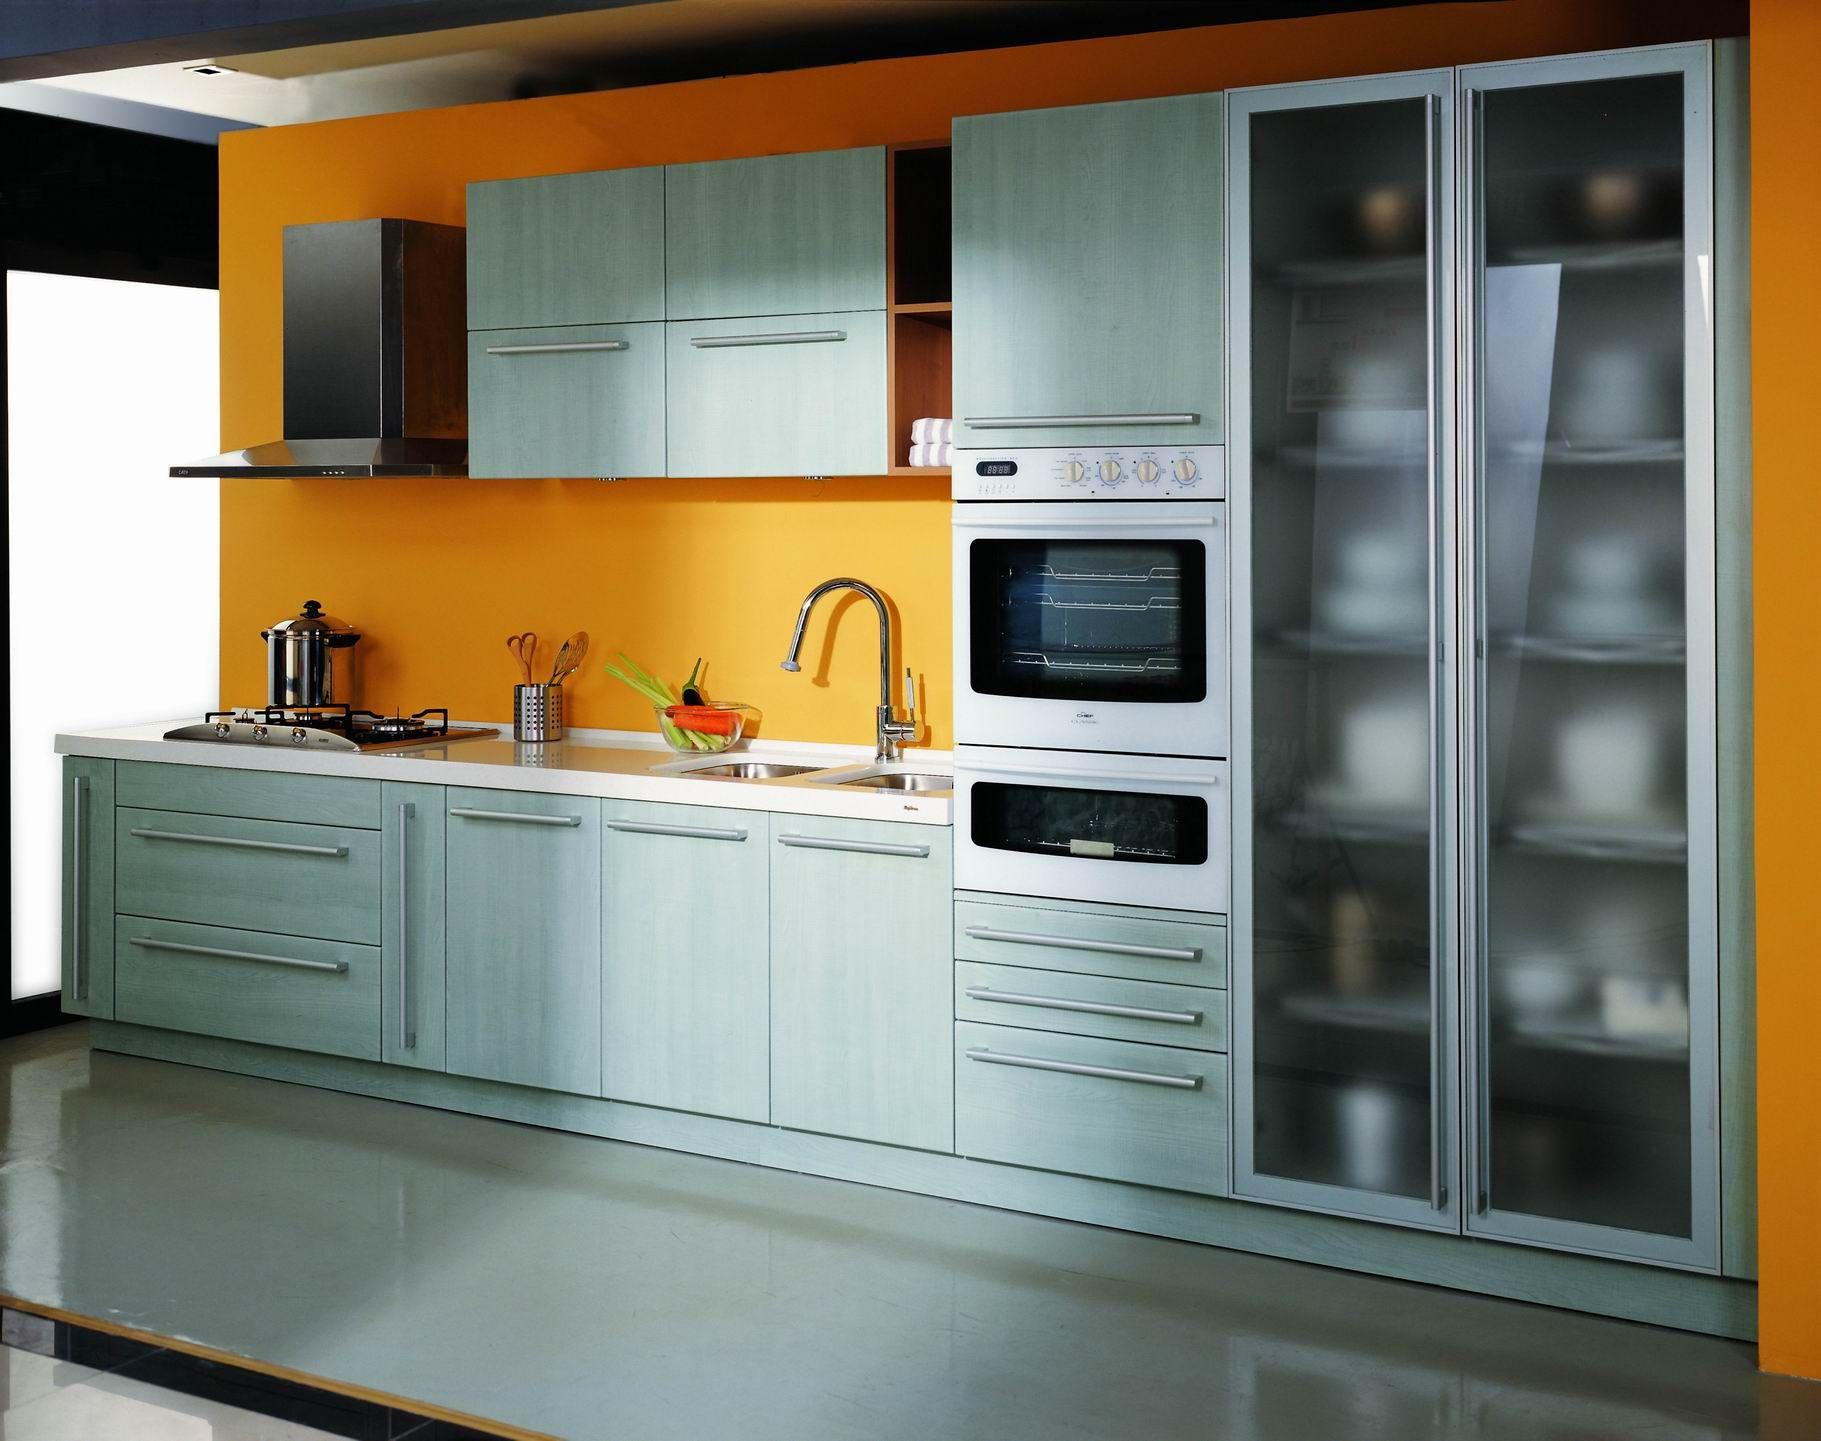 kitchen cabinets | pvc kitchen cabinets (pa4002) - china kitchen